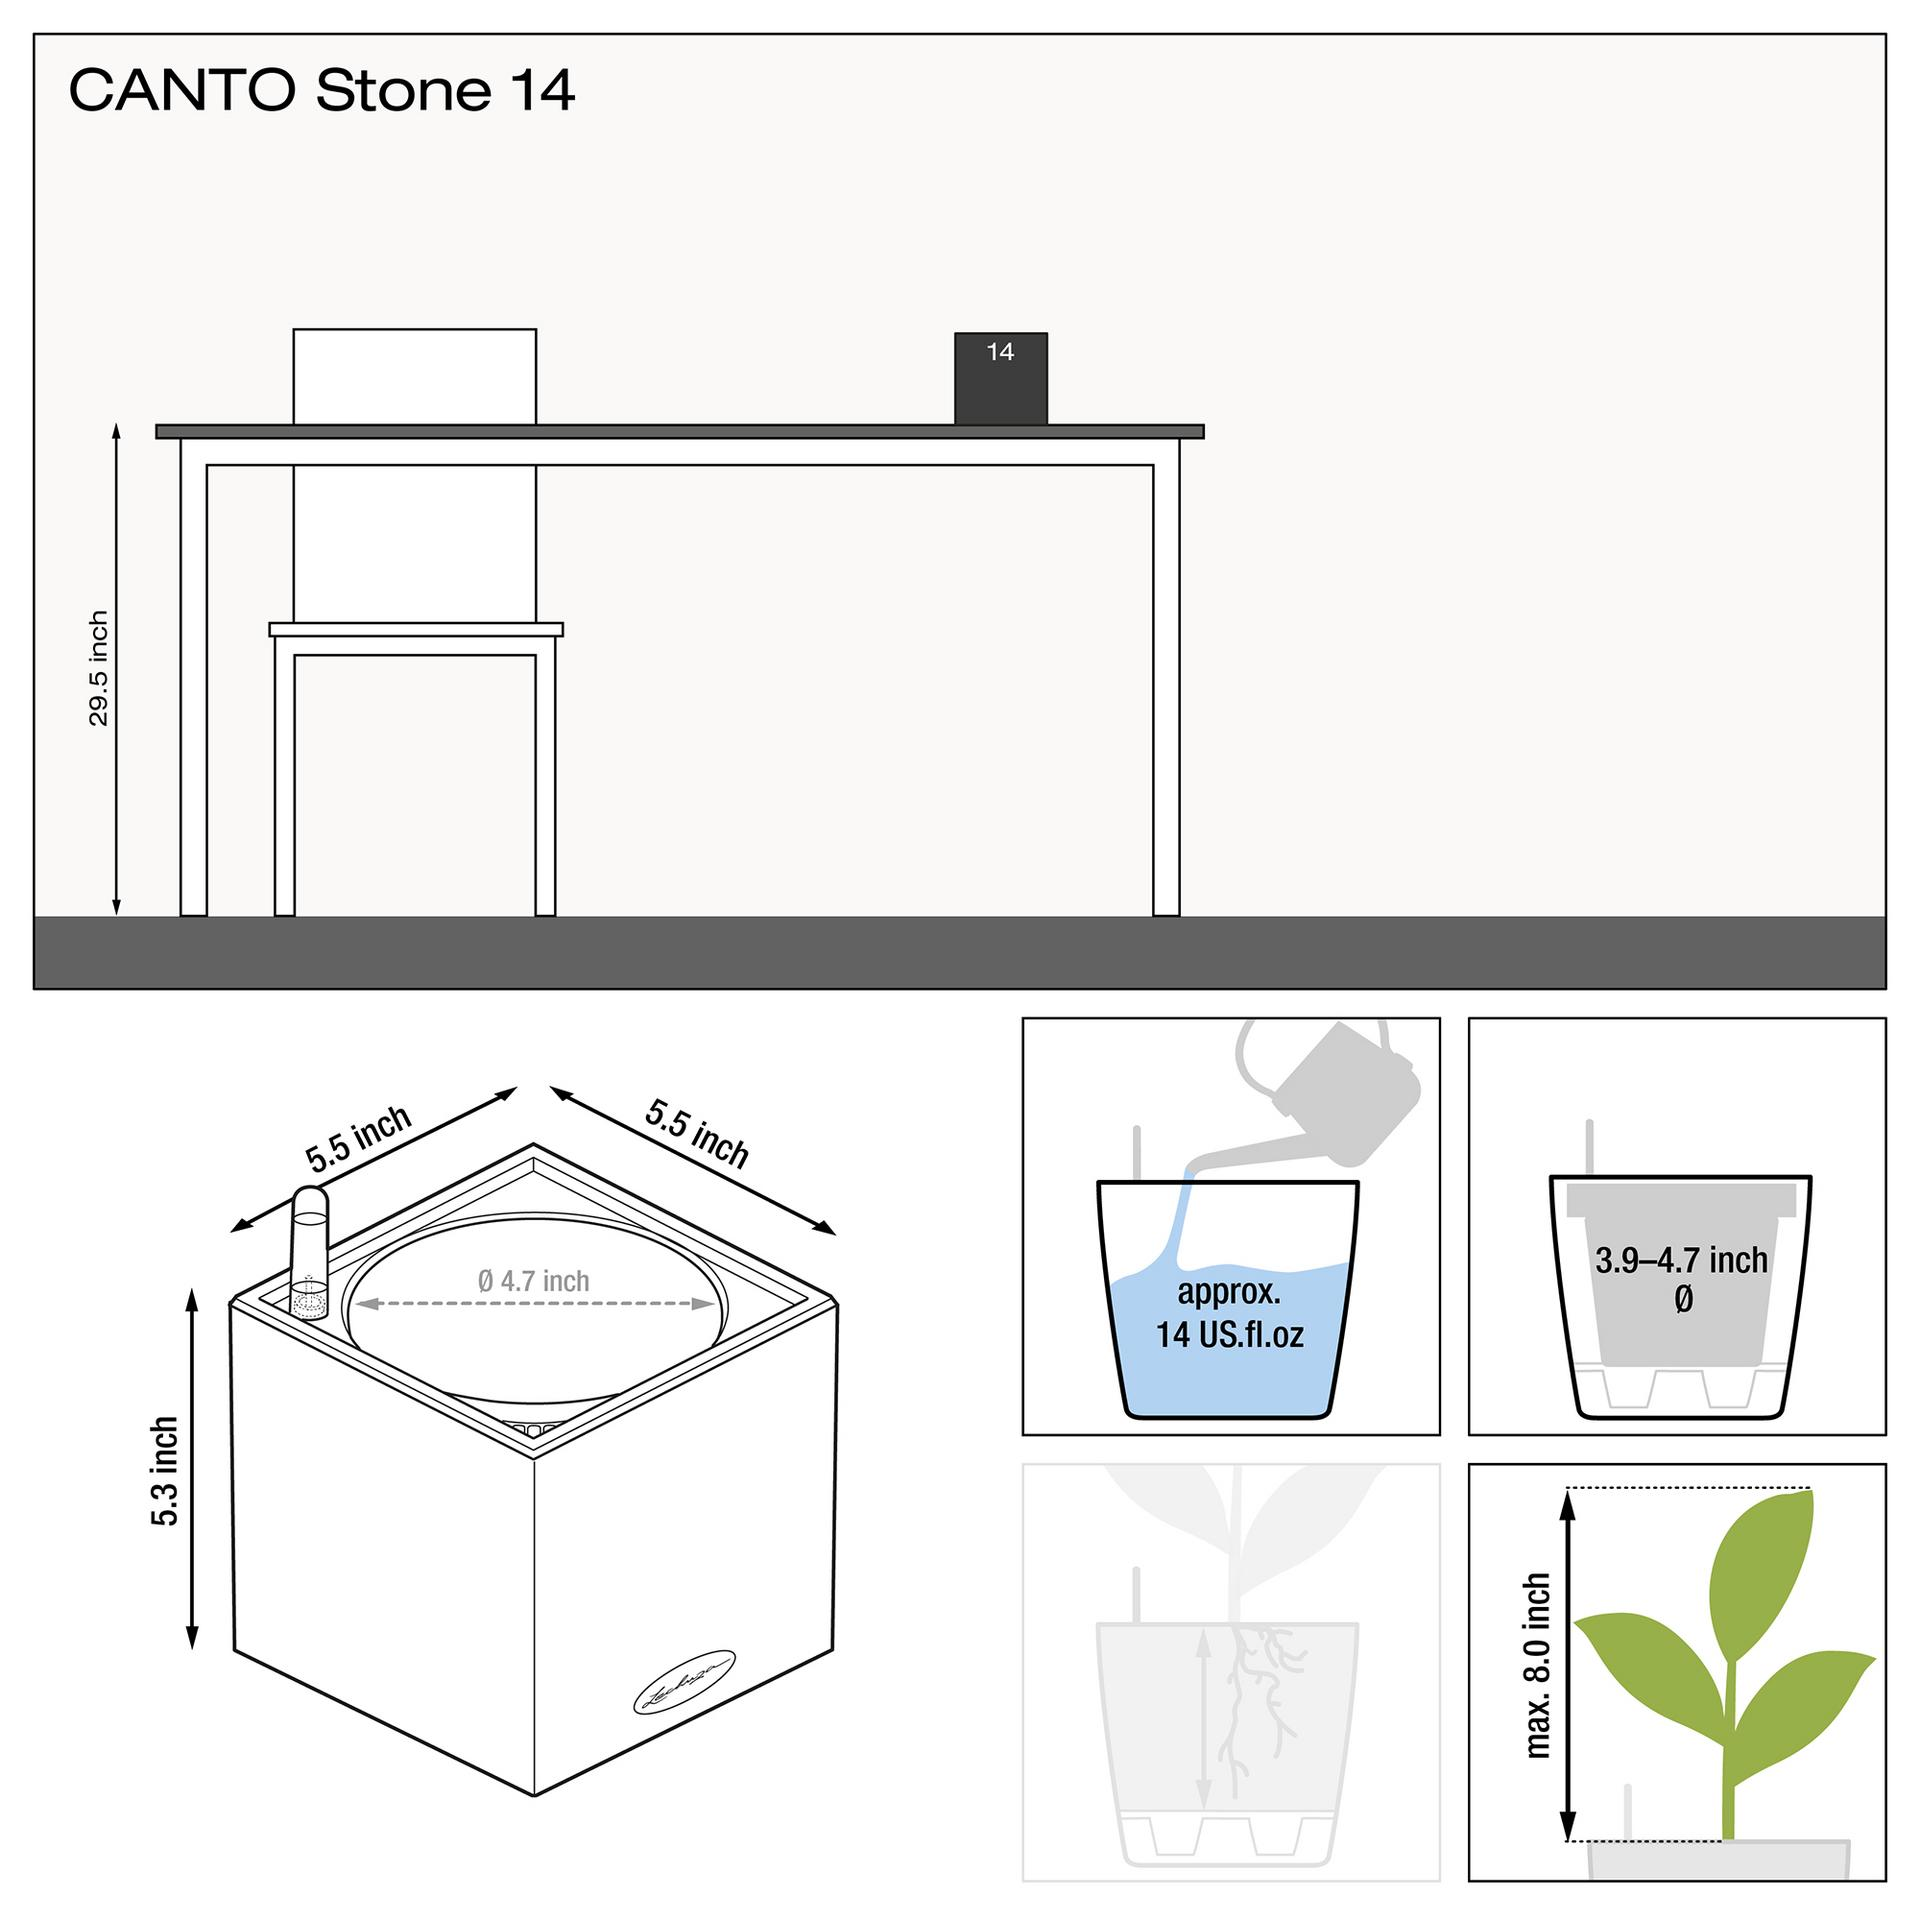 le_canto-stone-14_product_addi_nz_us